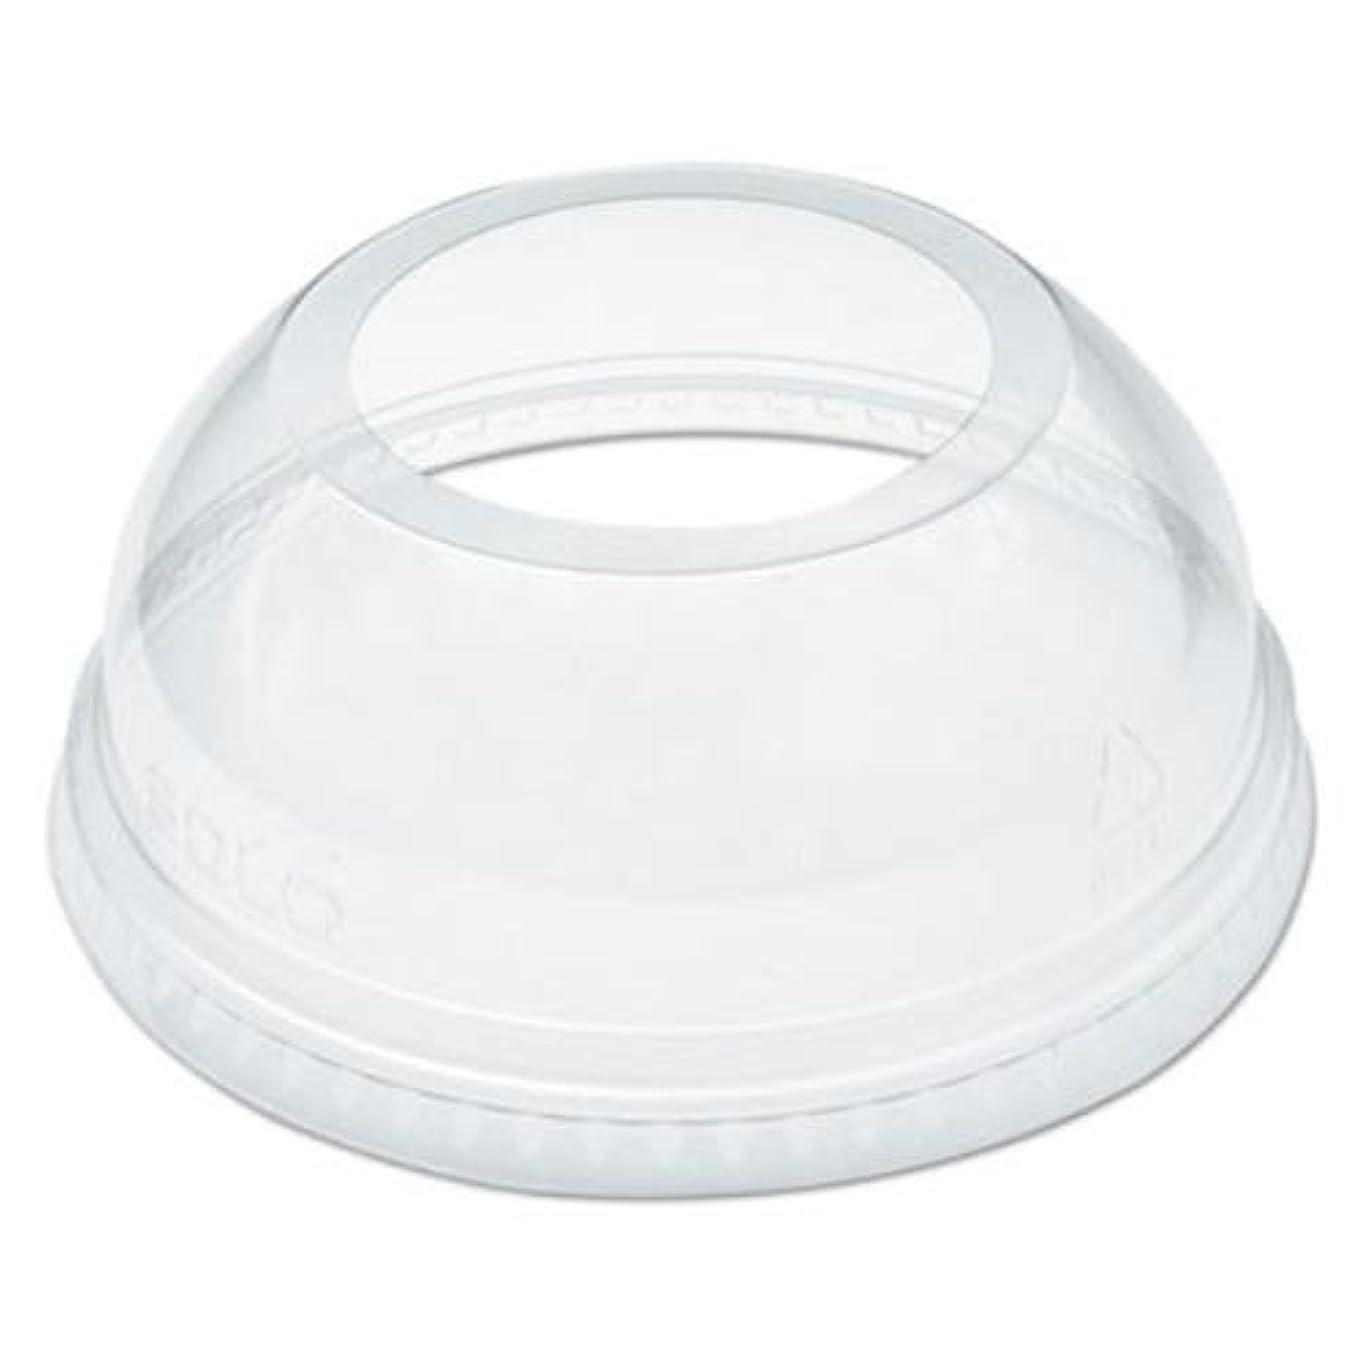 柱使用法悲劇Dart DCCDLW626 9-20 oz Lids for Plastic Cups, Clear